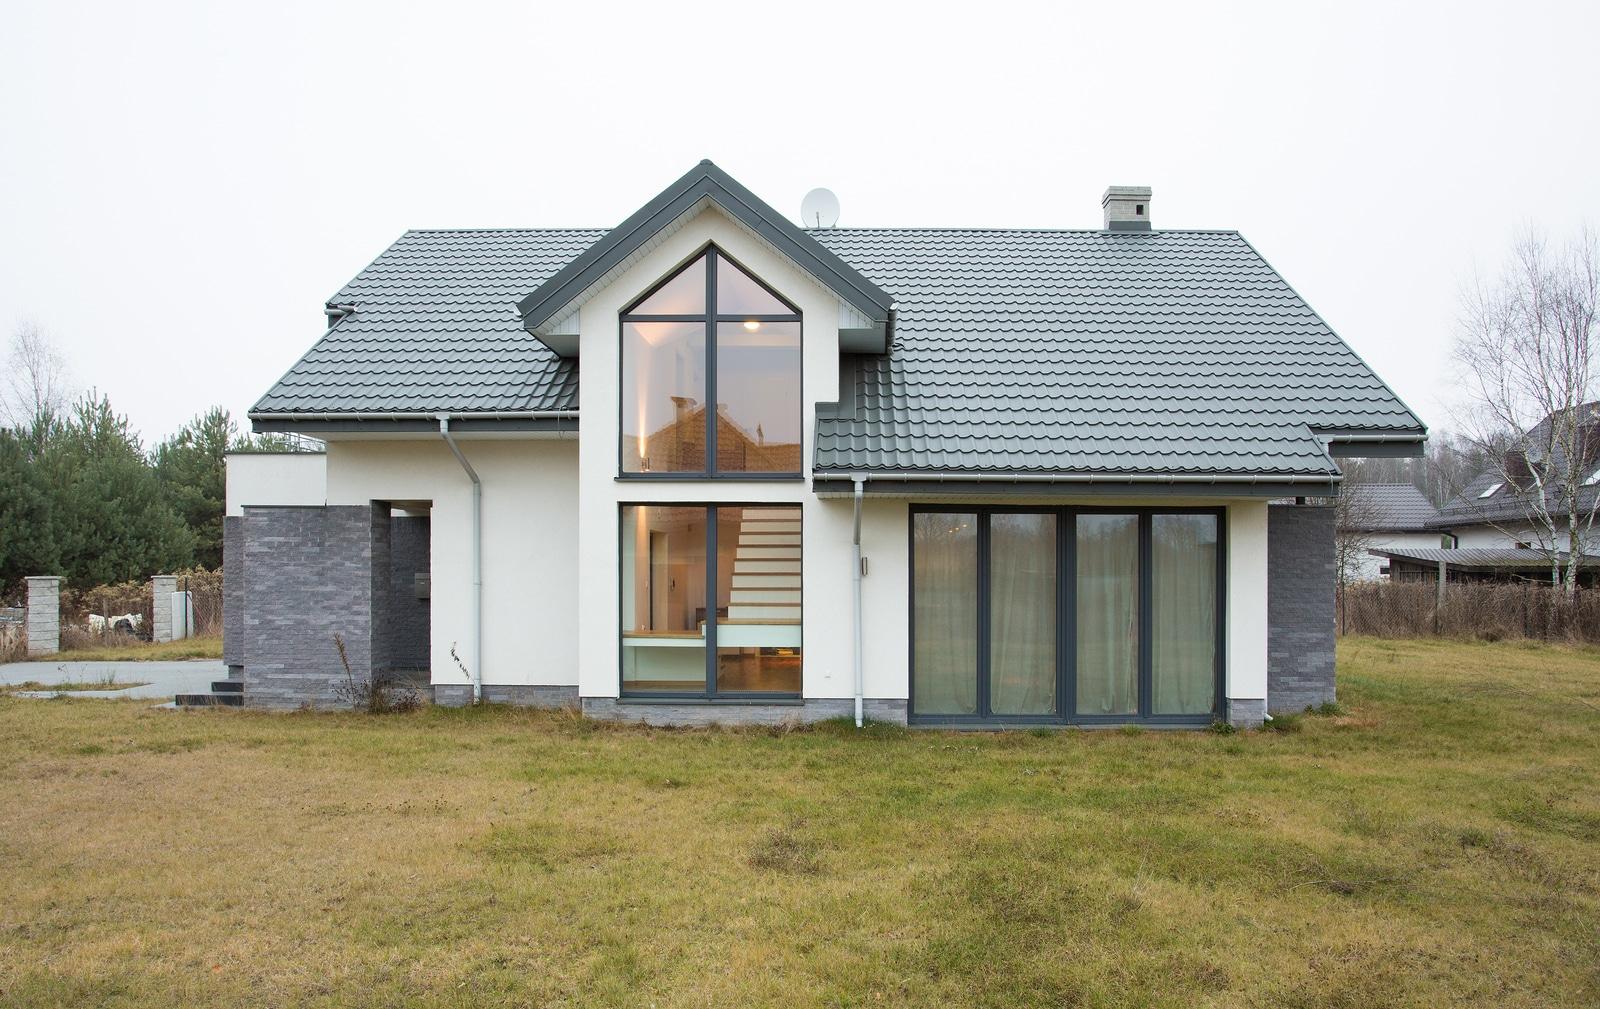 bautraeger-immobilien-bauplanung-stolberg-baucotec